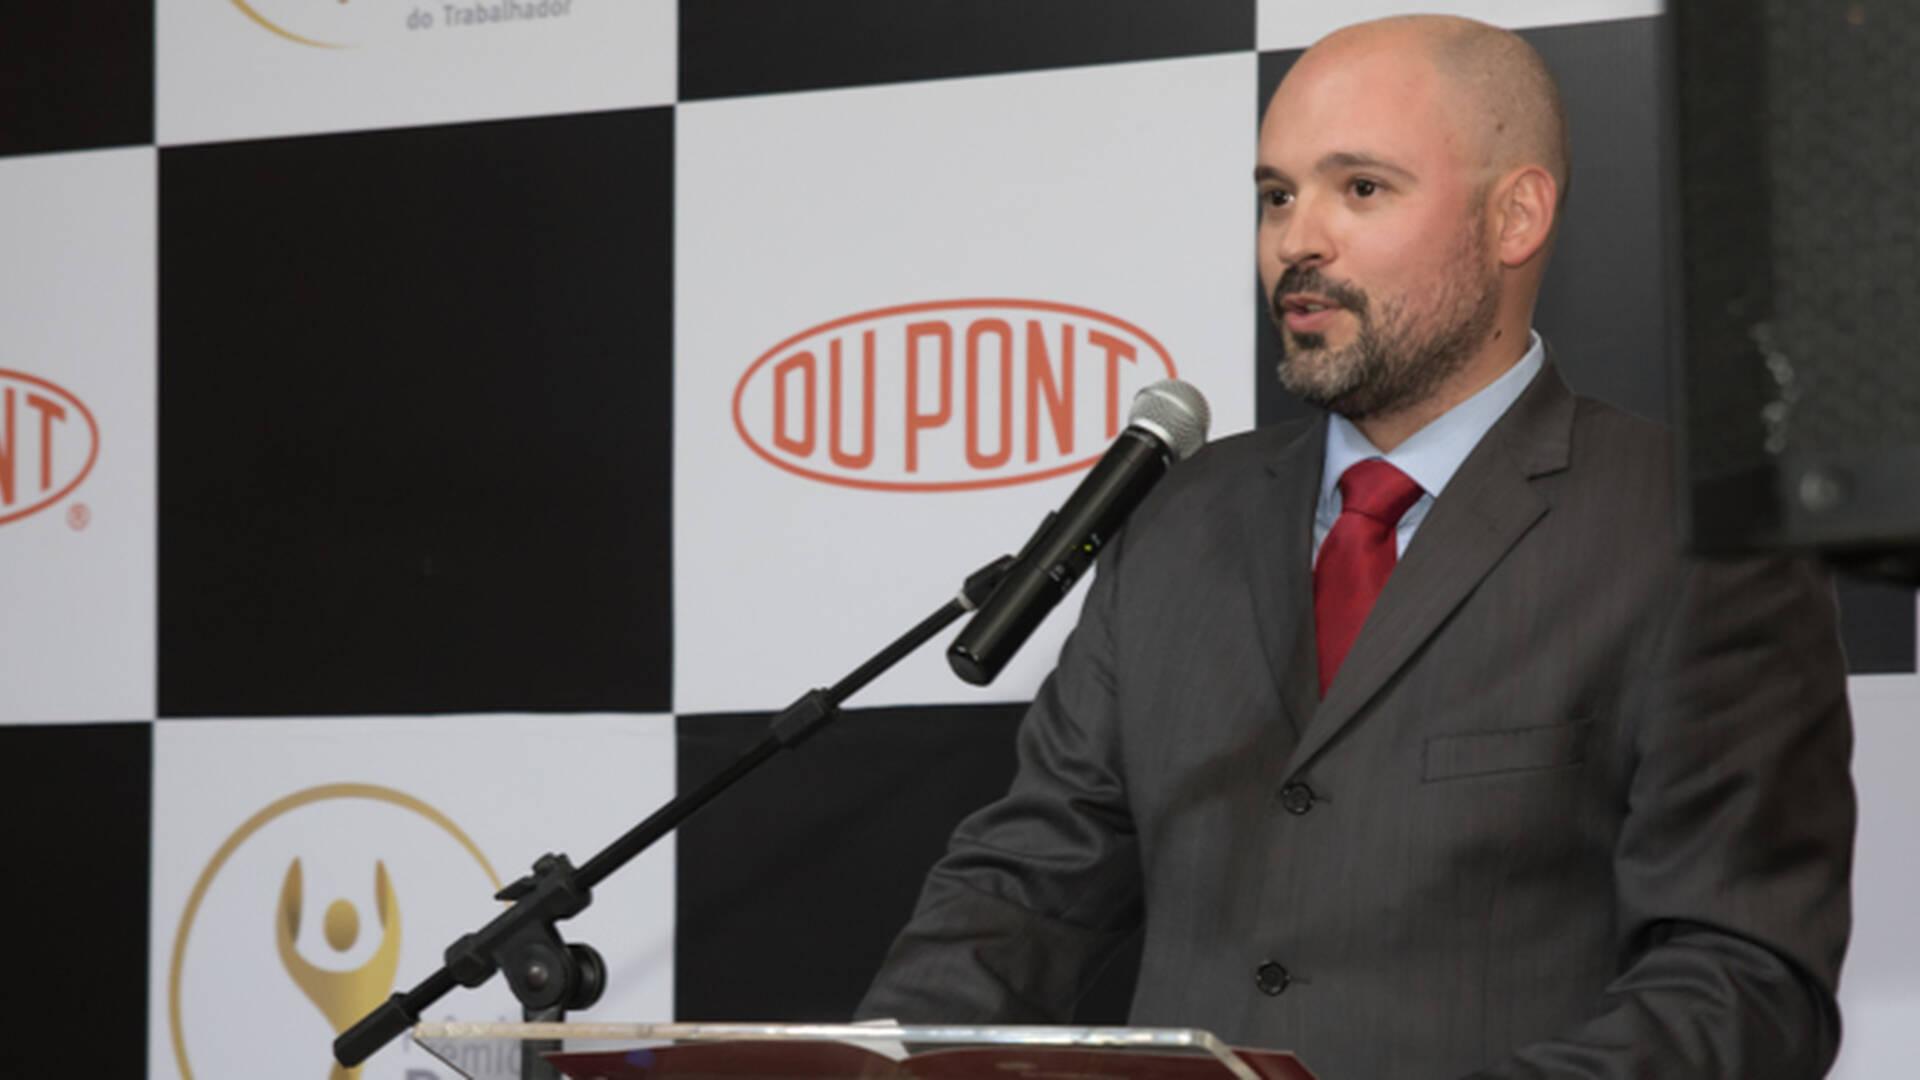 Corporativo de Prêmio Dupont - Segurança e saúde do trabalhador 2016